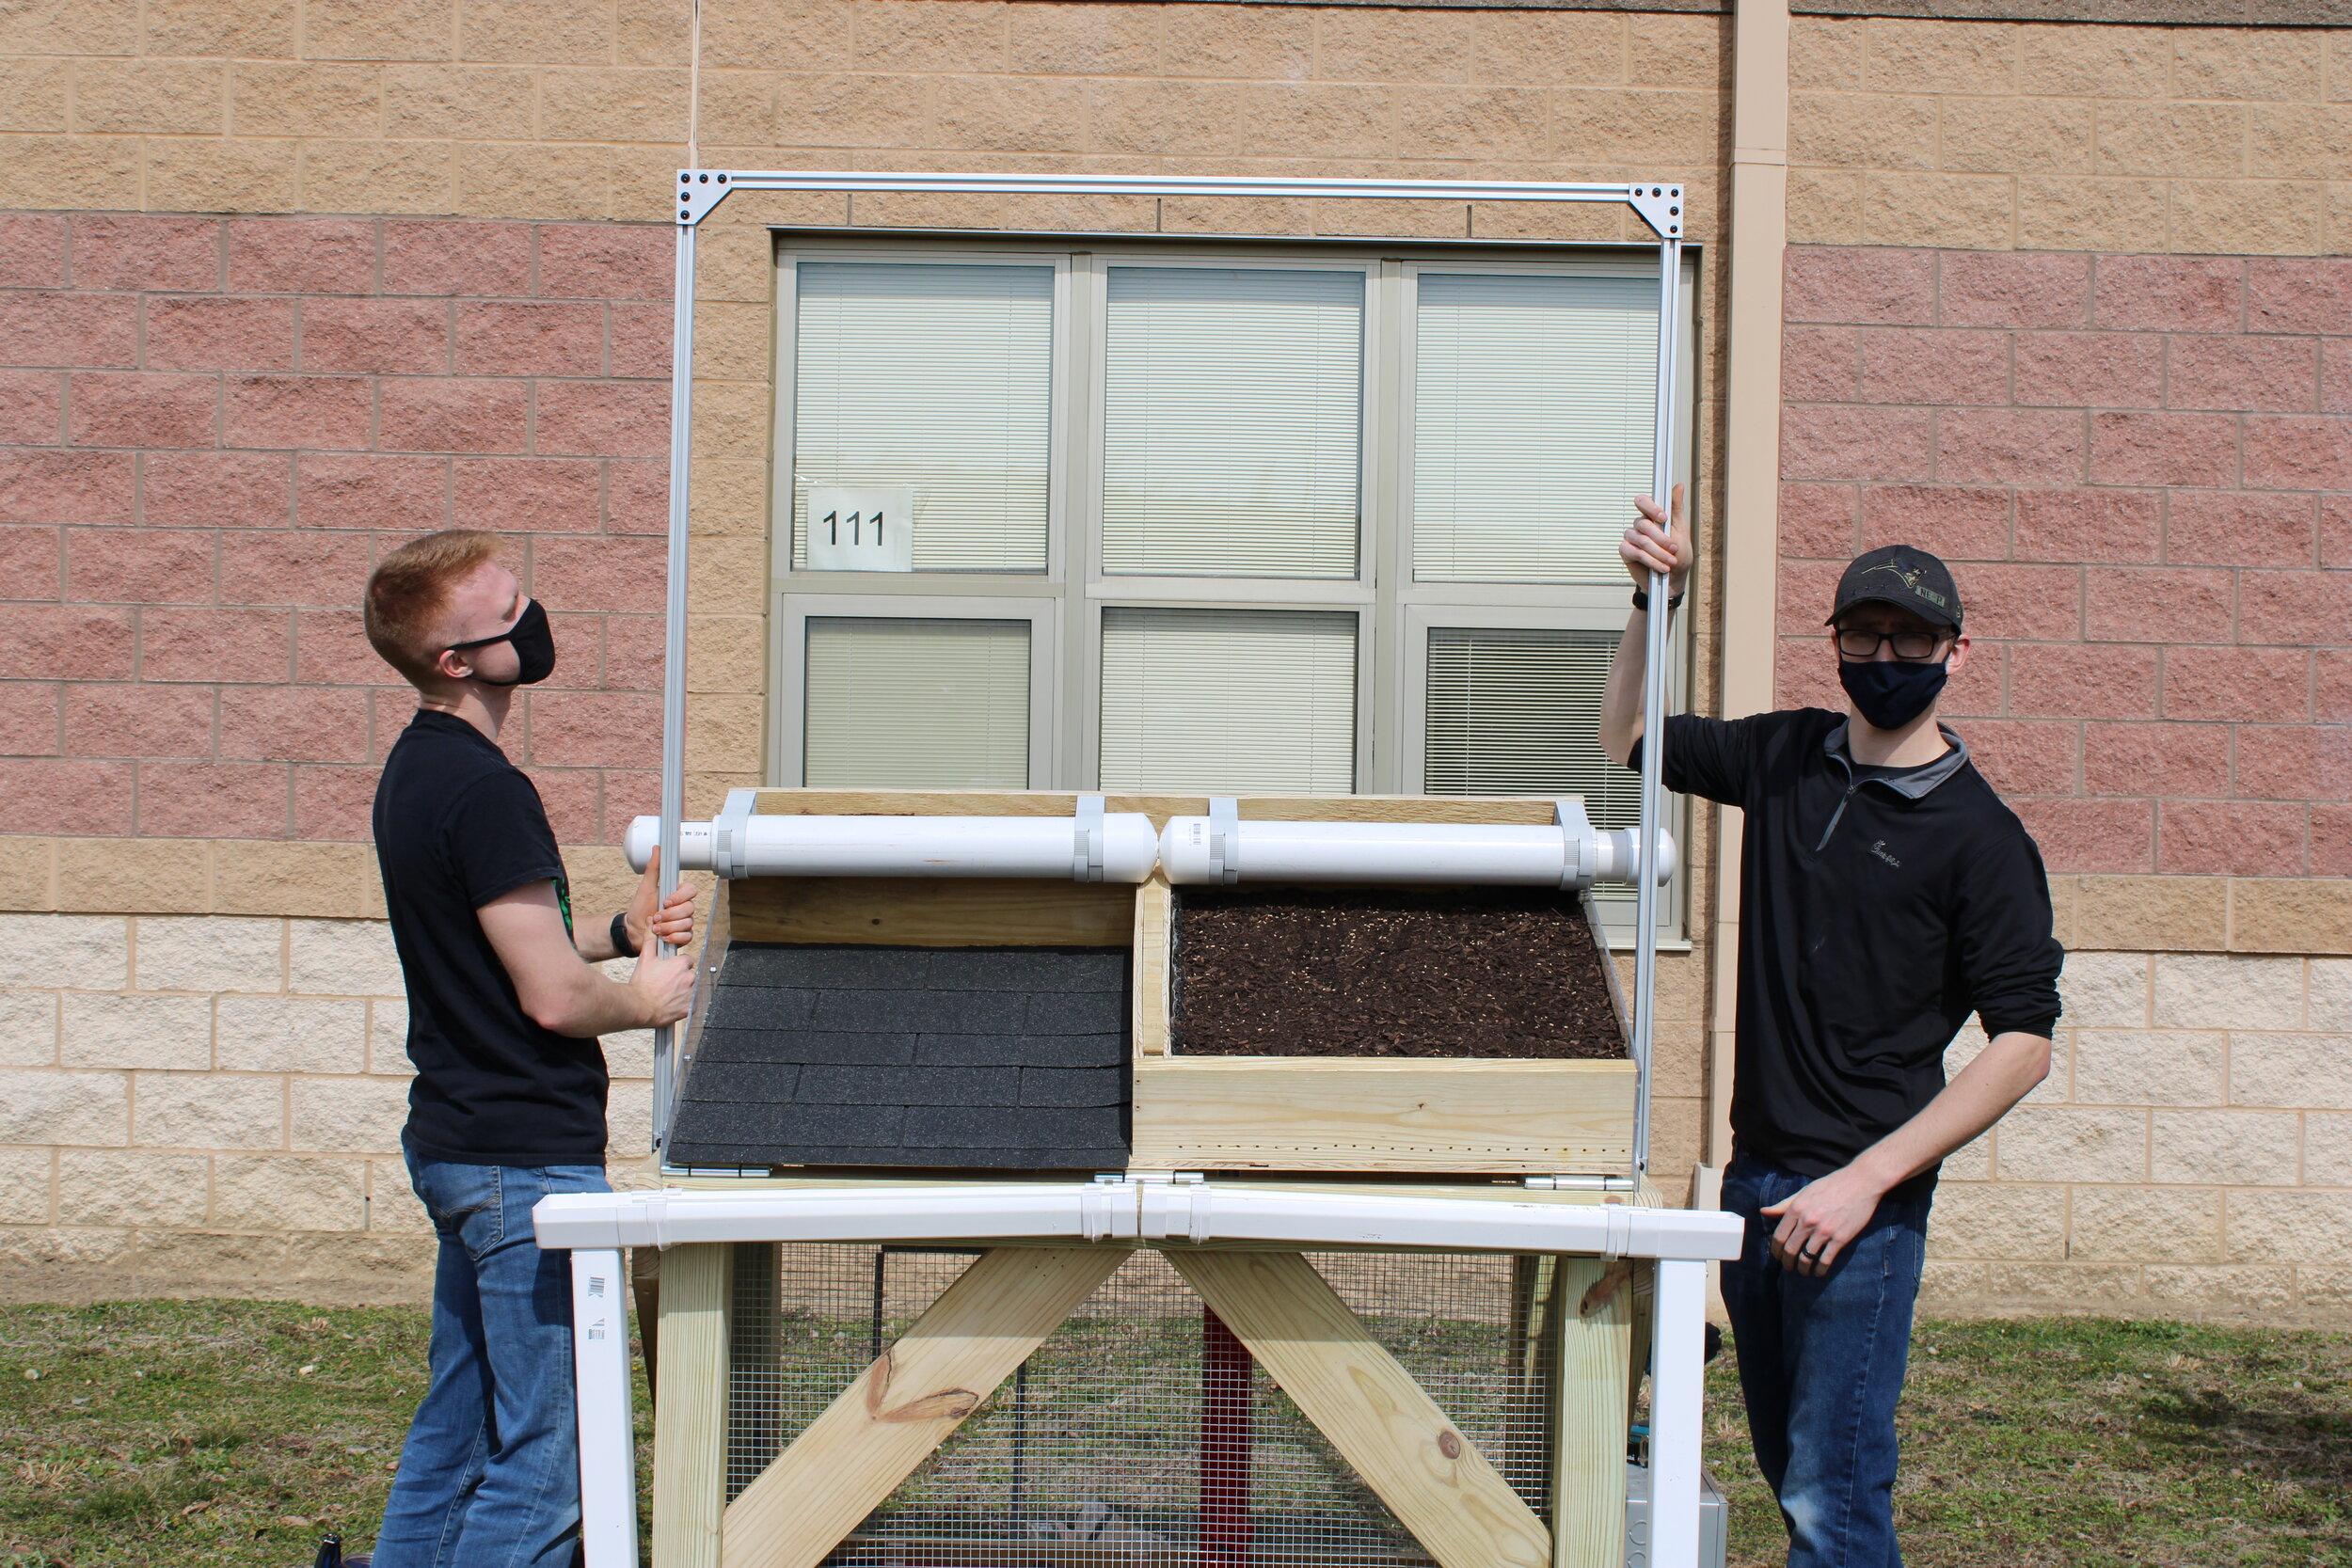 凯尔和乔尔正在安装他们在当地学校建造的绿色屋顶模型。(照片:金正日汤普森)